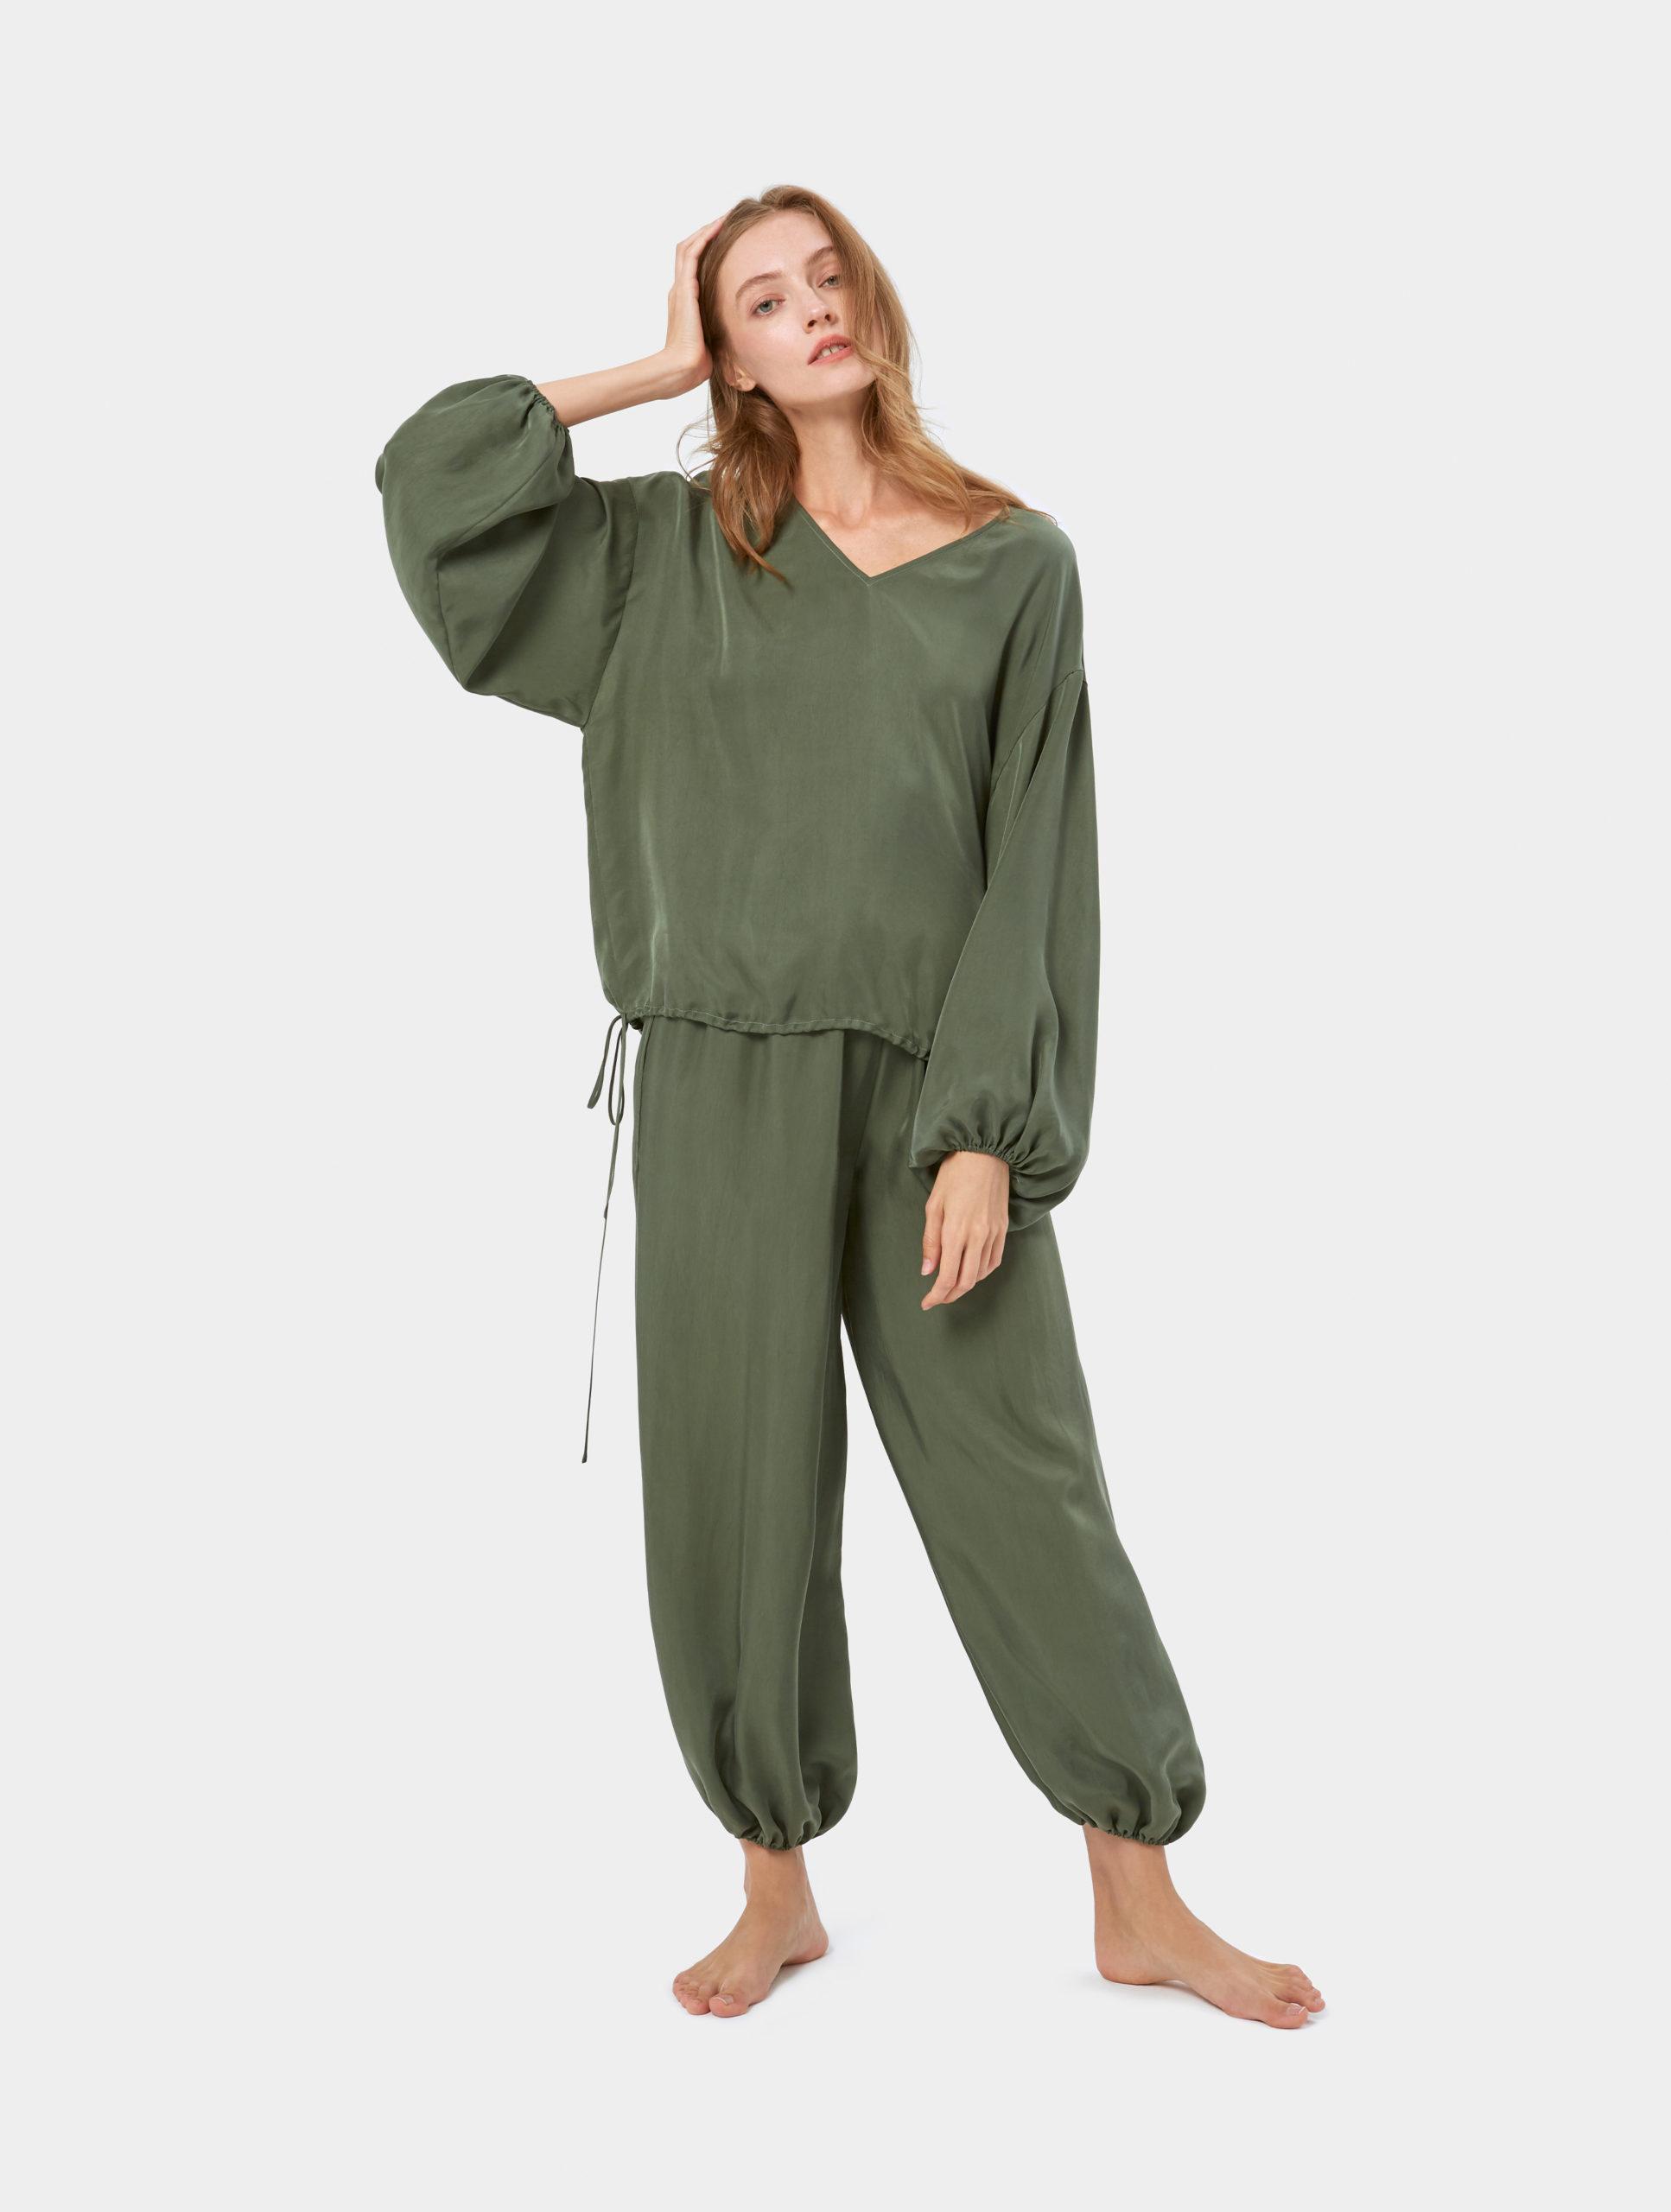 Women's Sleepwear Sets